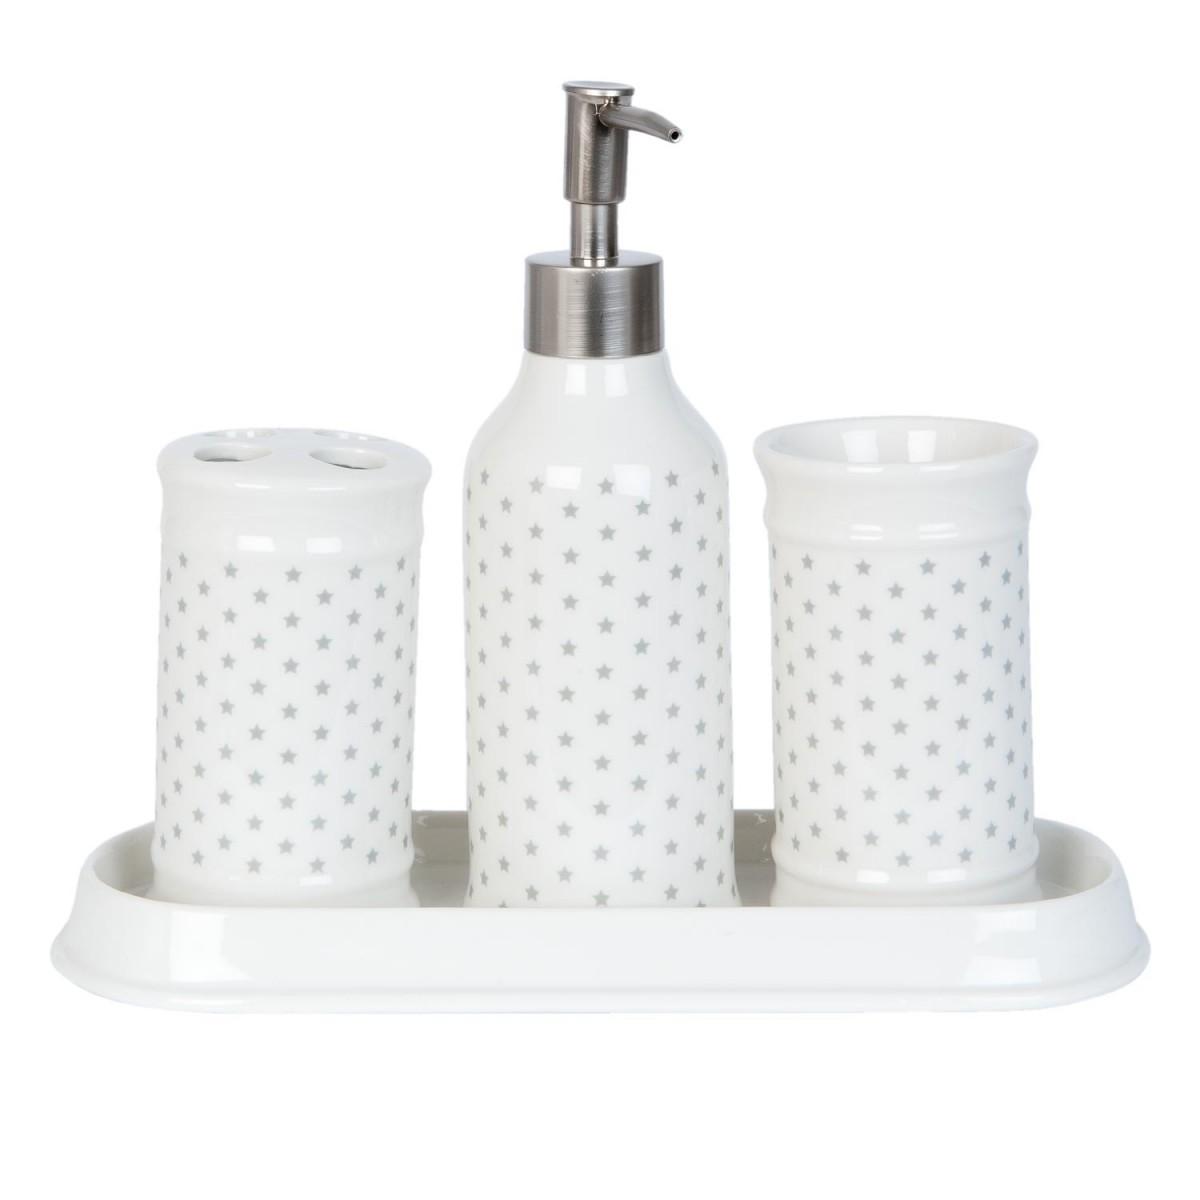 Clayre eef badezimmer set 4teilig wei grau sterne for Inspirationen badezimmer in grau